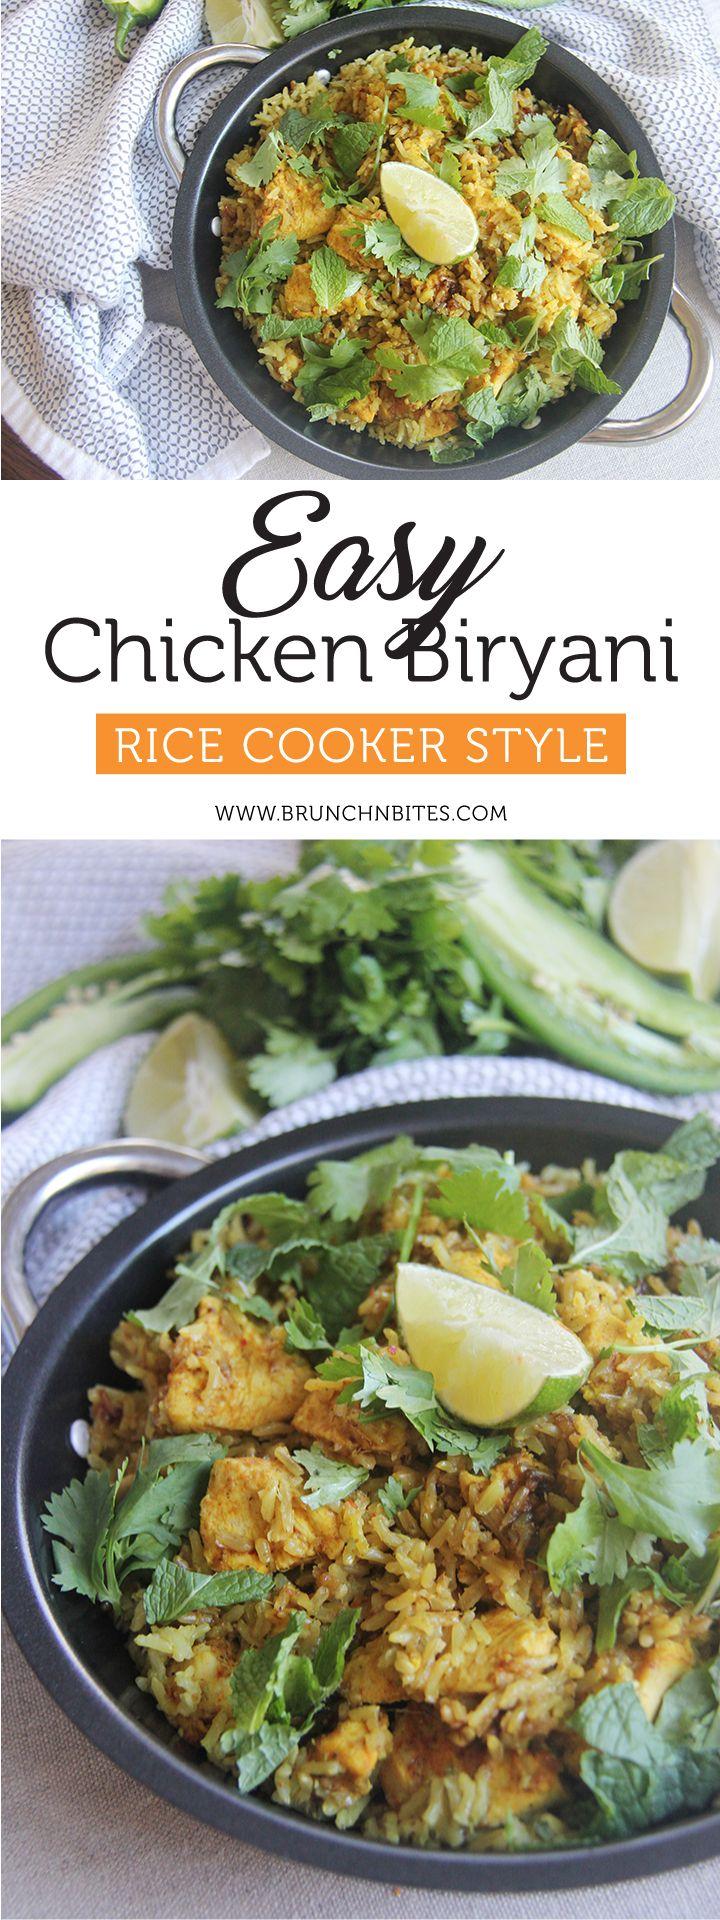 Easy & Flavorful Chicken Biryani - Rice Cooker Style | Brunch-n-Bites